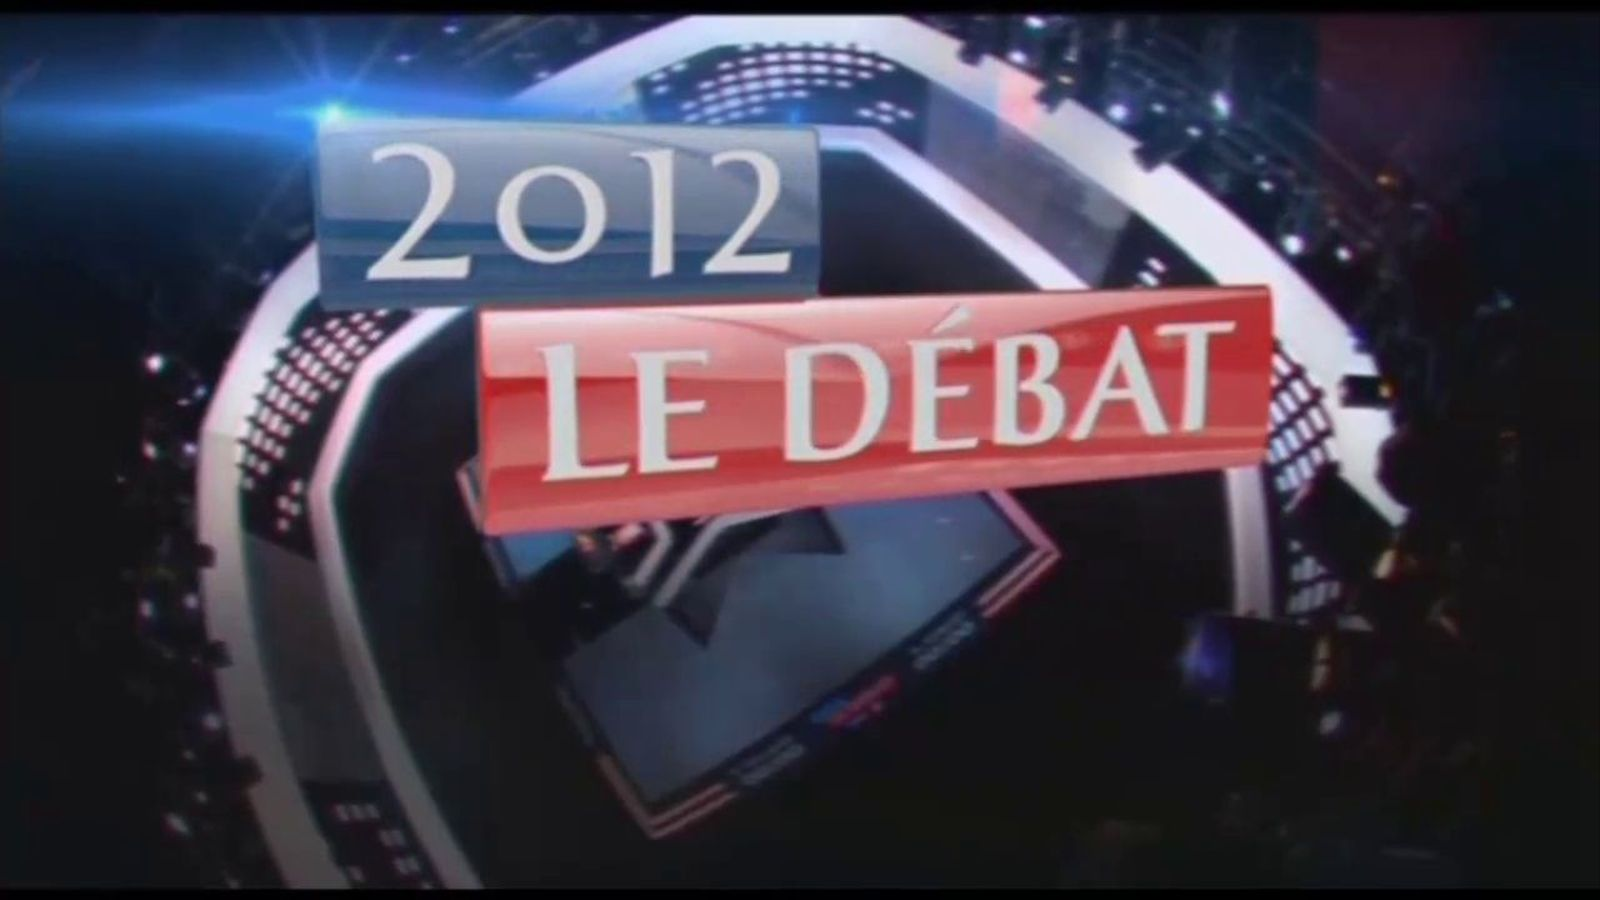 El debat de les presidencials franceses acaba sense un clar vencedor